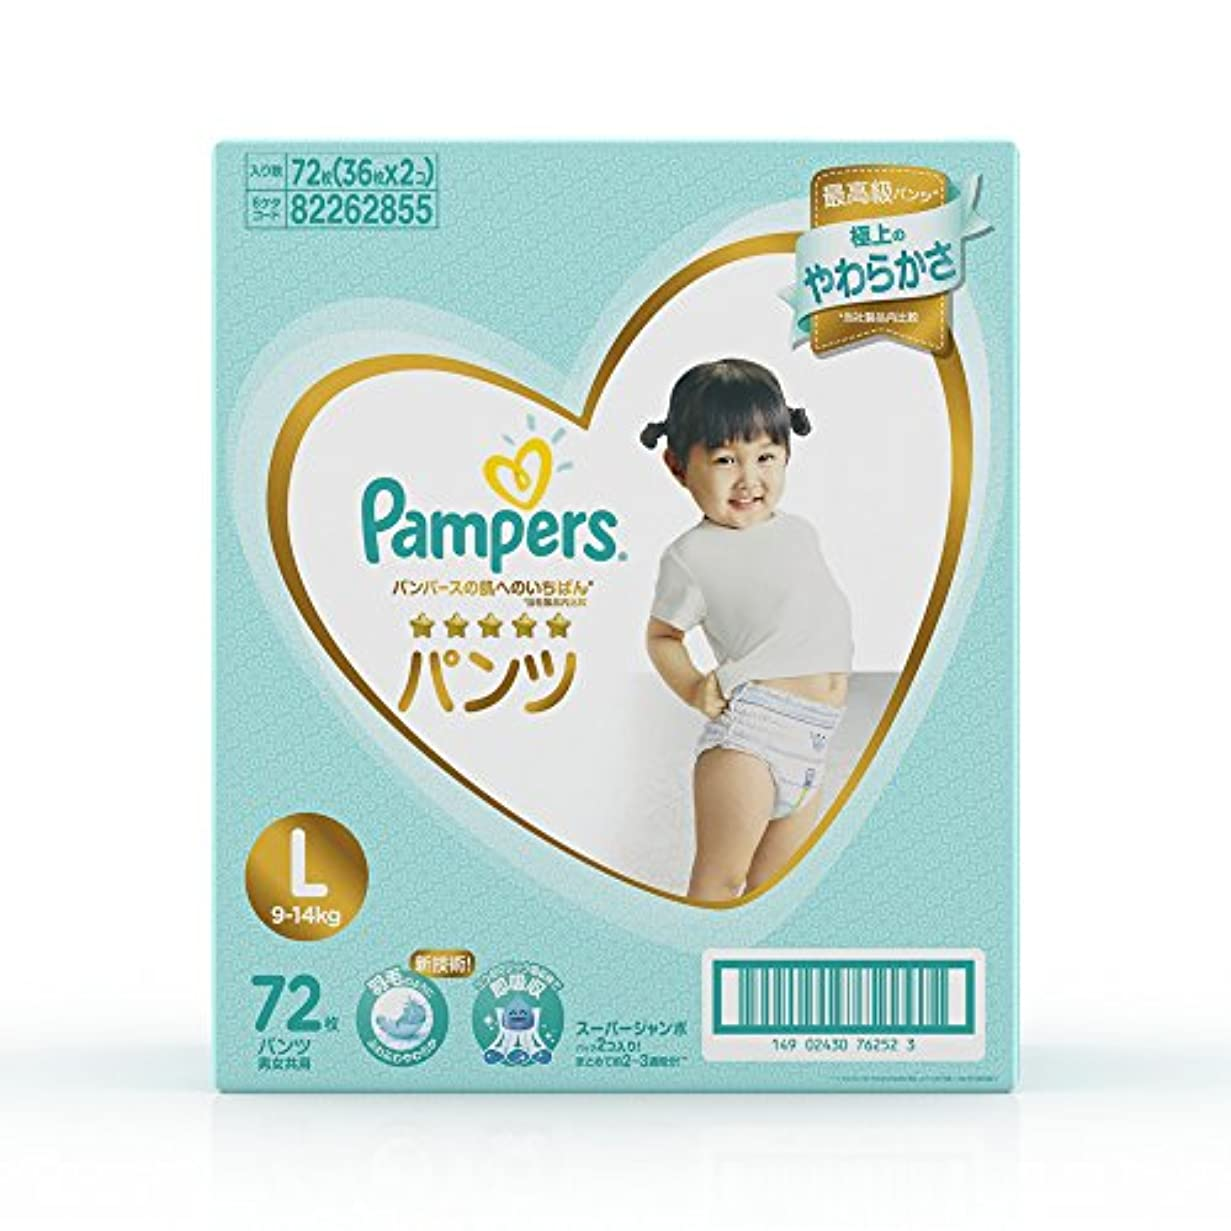 後悔精度重要【パンツ Lサイズ】パンパース オムツ肌へのいちばん (9~14kg)72枚(36枚×2パック) [まとめ買い]